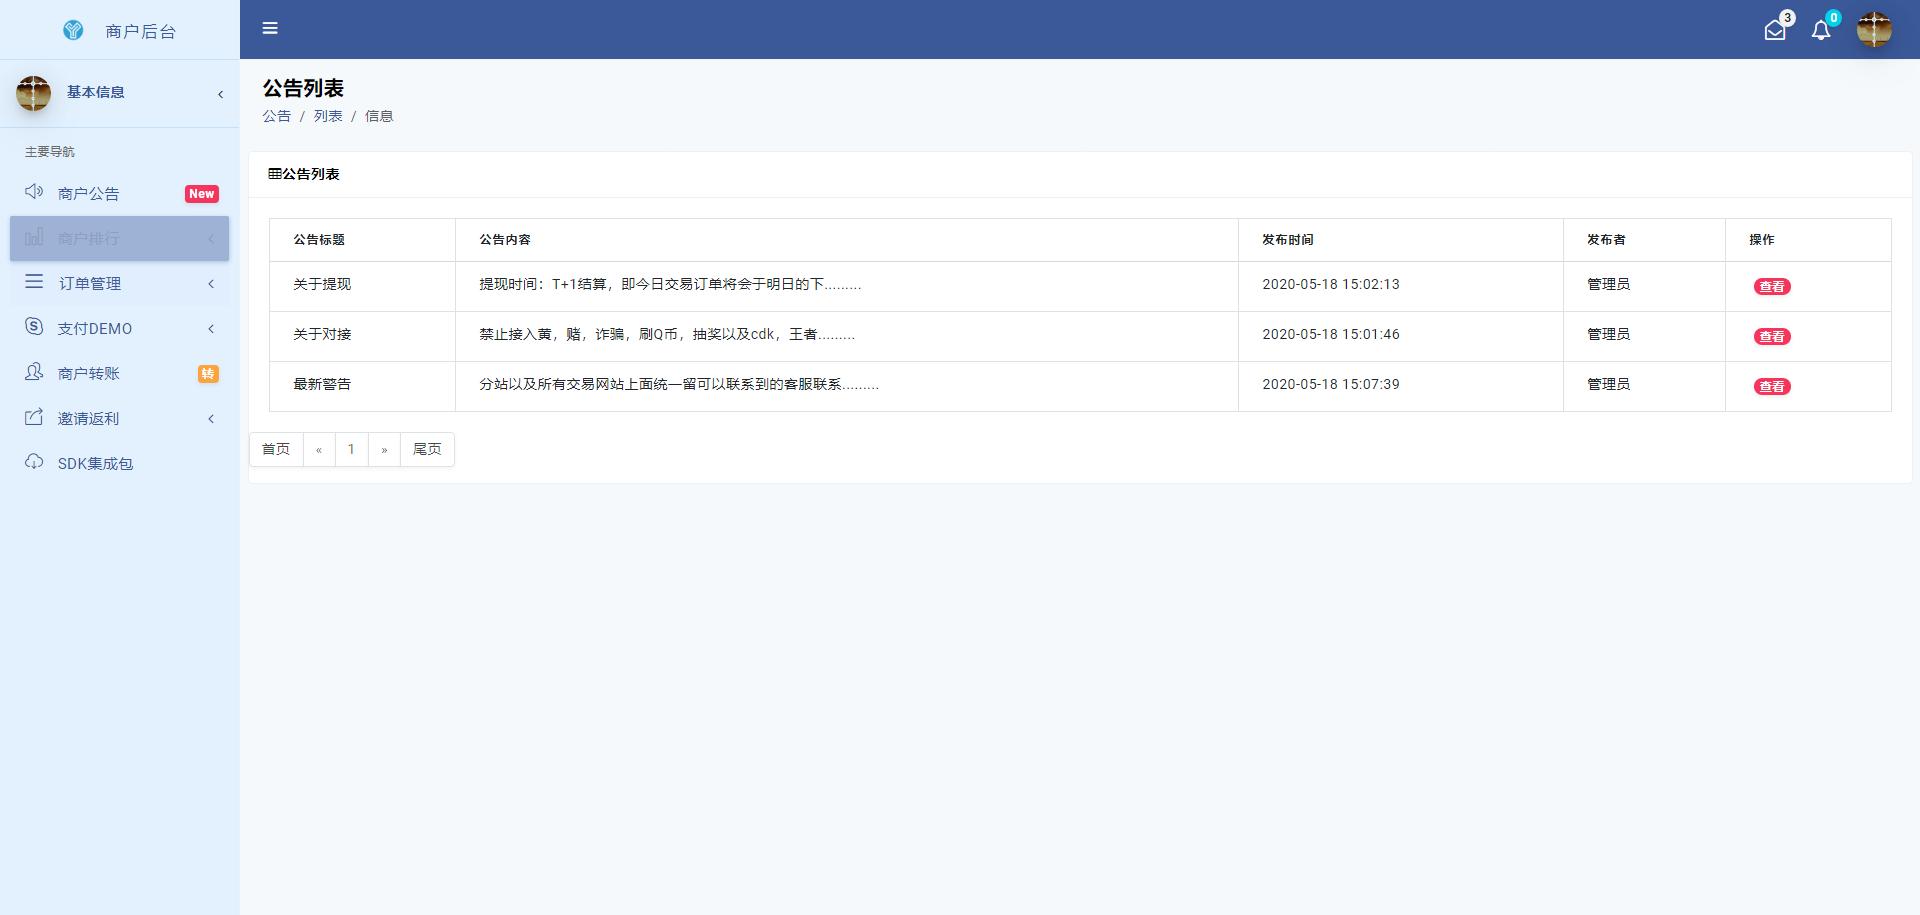 完美运营版捷兔云支付 开源版易支付 第三方支付 官方支付 四方支付 免签约支付 网站源码 第2张